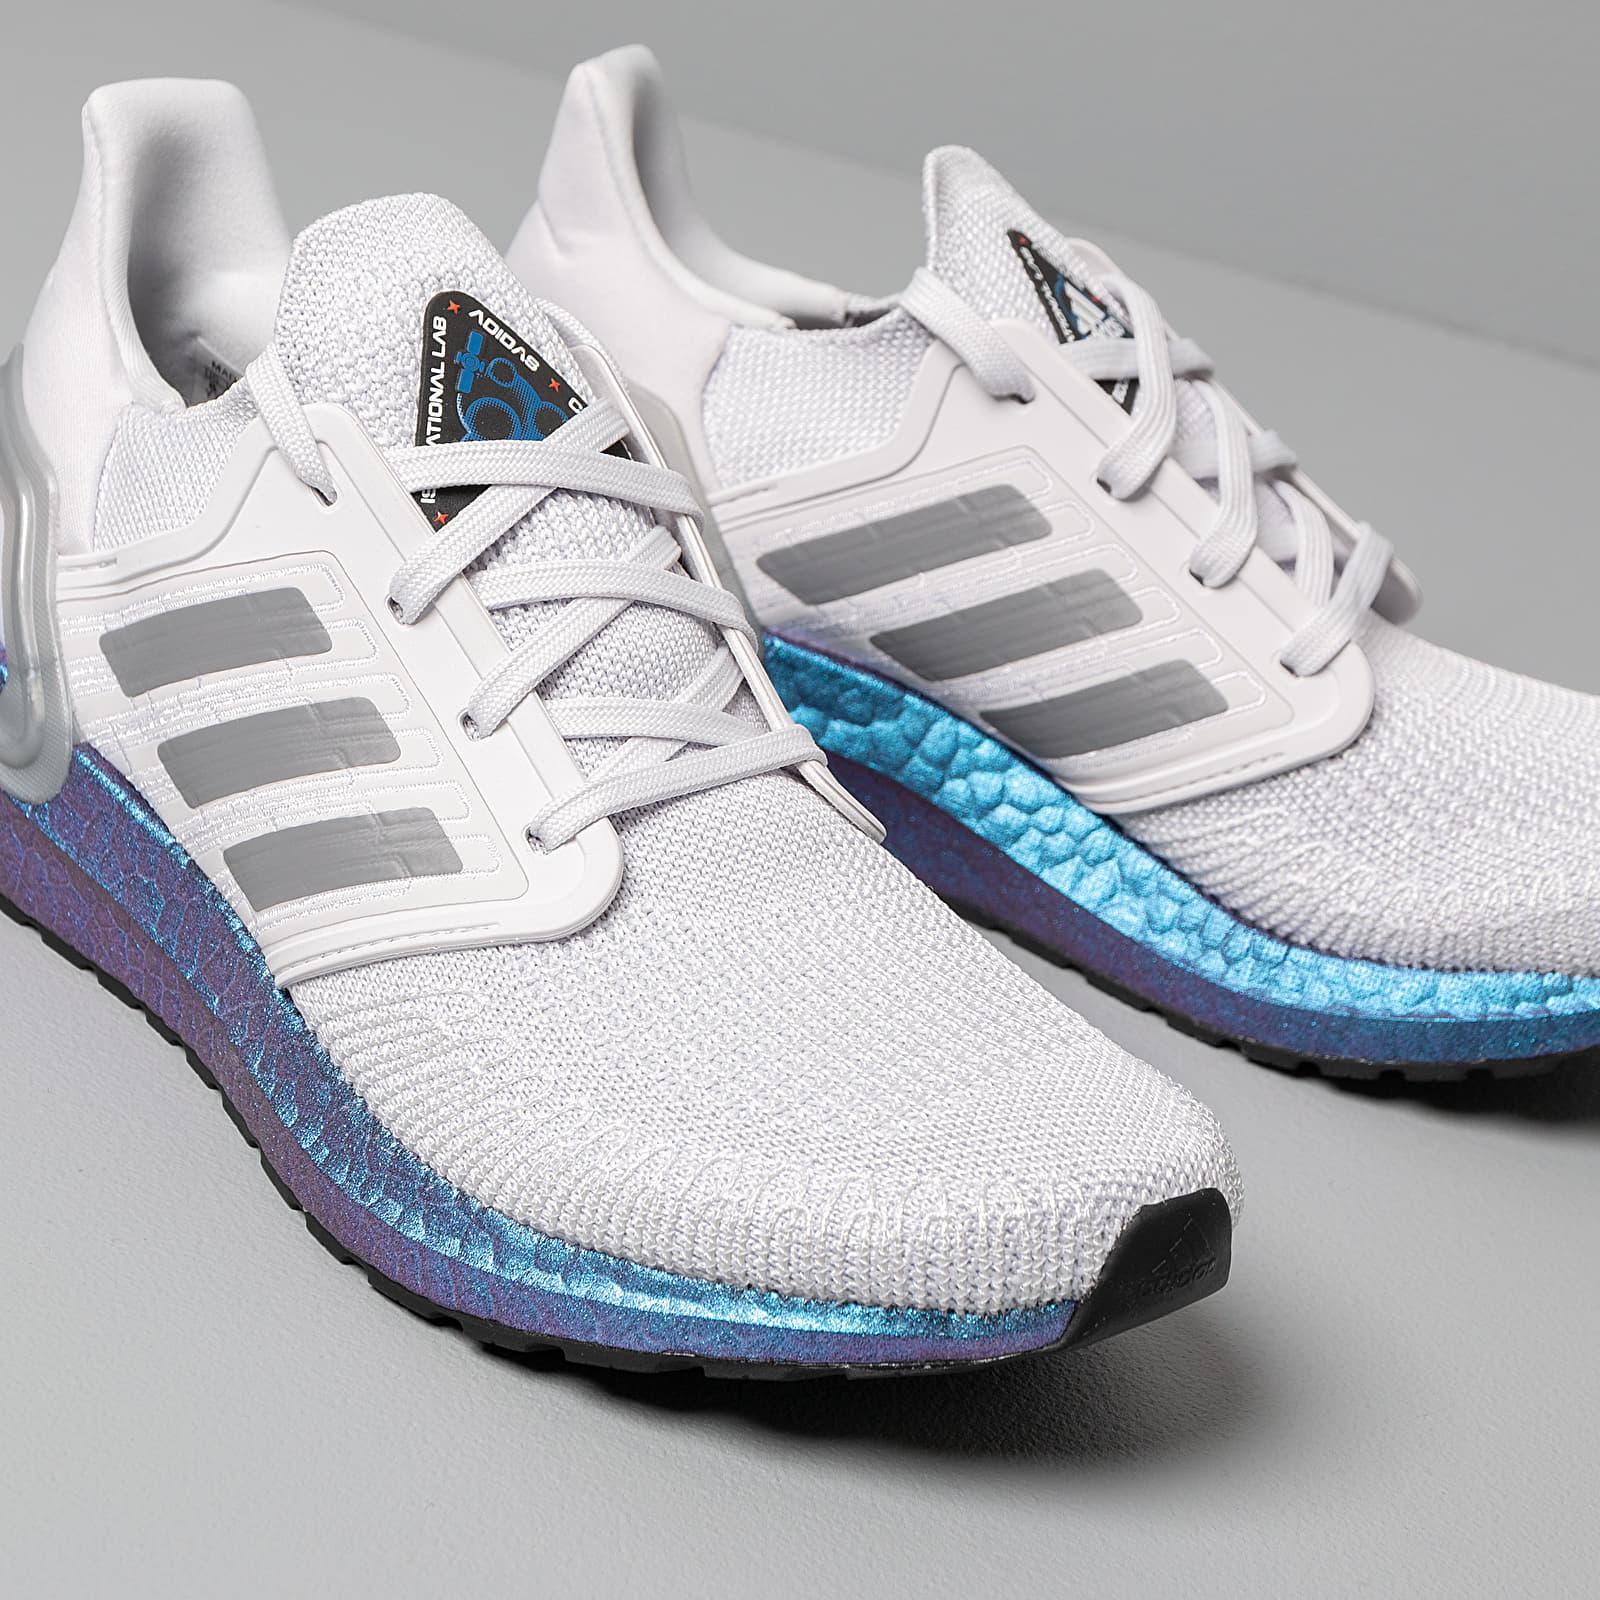 adidas UltraBOOST 20 W Dash Grey Grey Three Blue Vime | Footshop